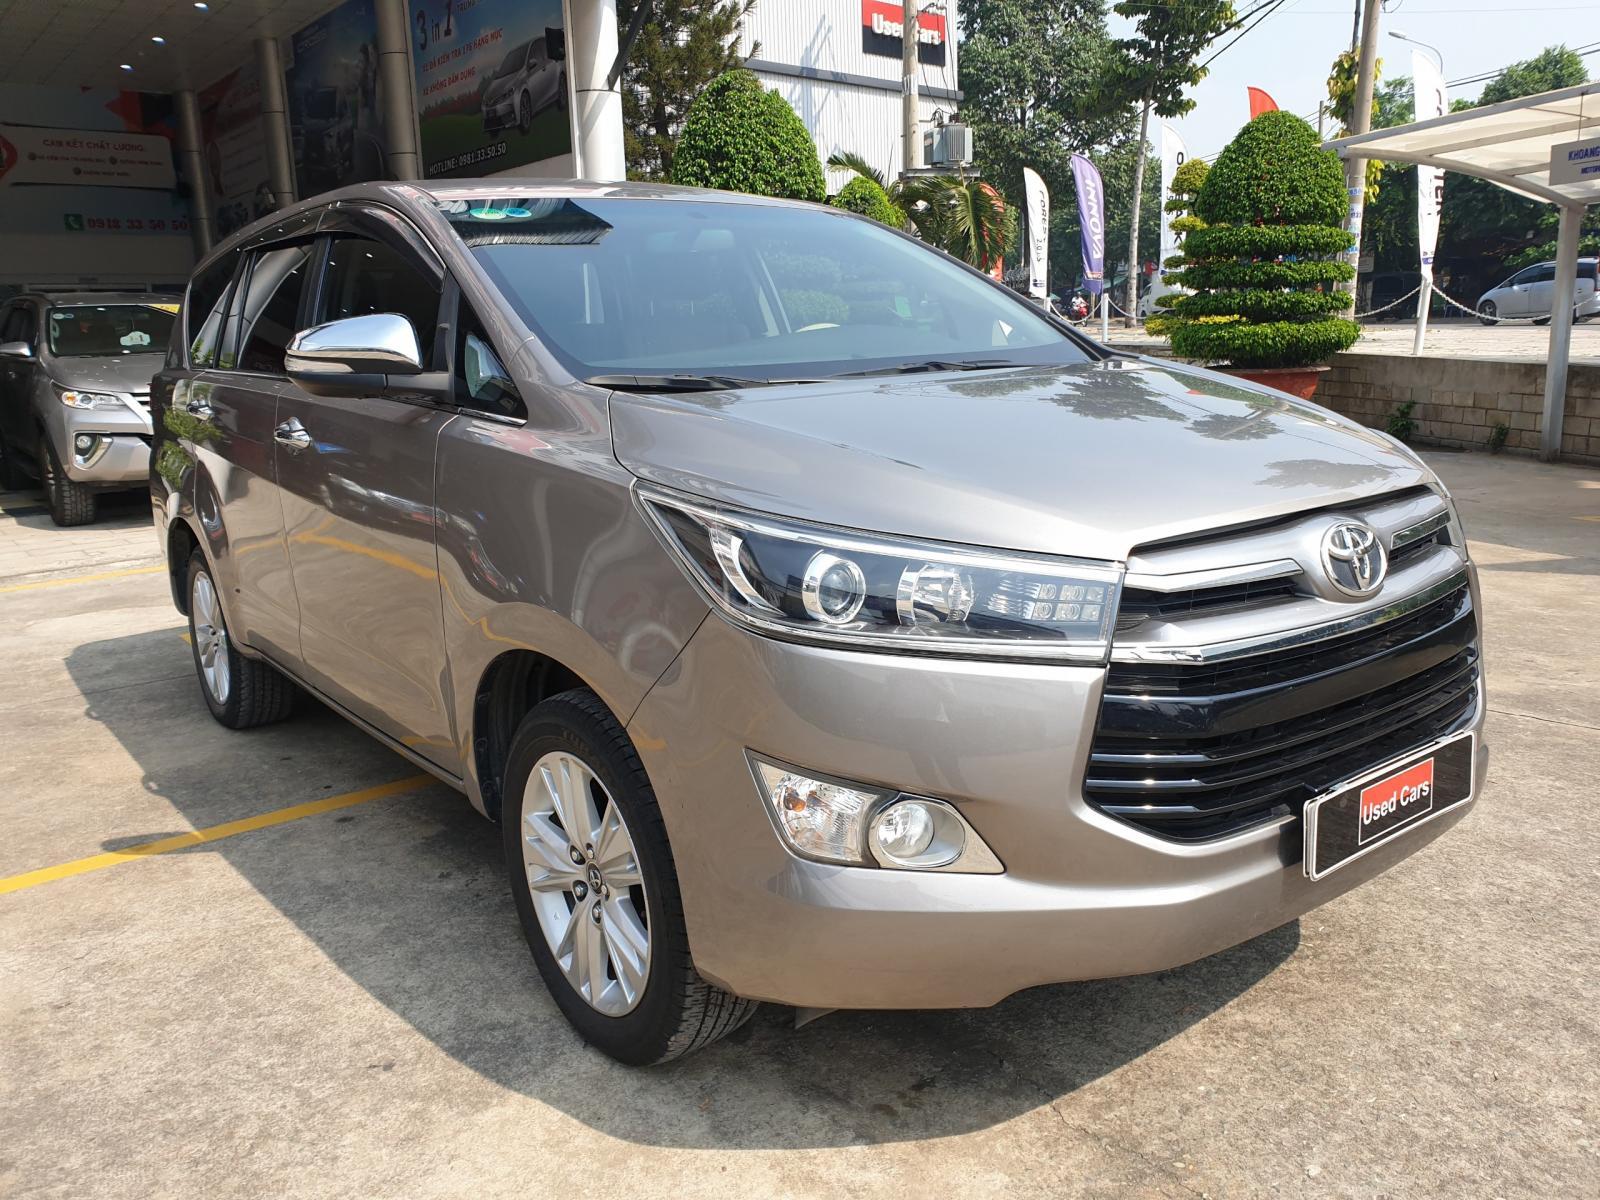 Cần bán lại xe Toyota Innova 2.0V đời 2016  cực Chất ,Đẹp không tùy vết - giá cực êm